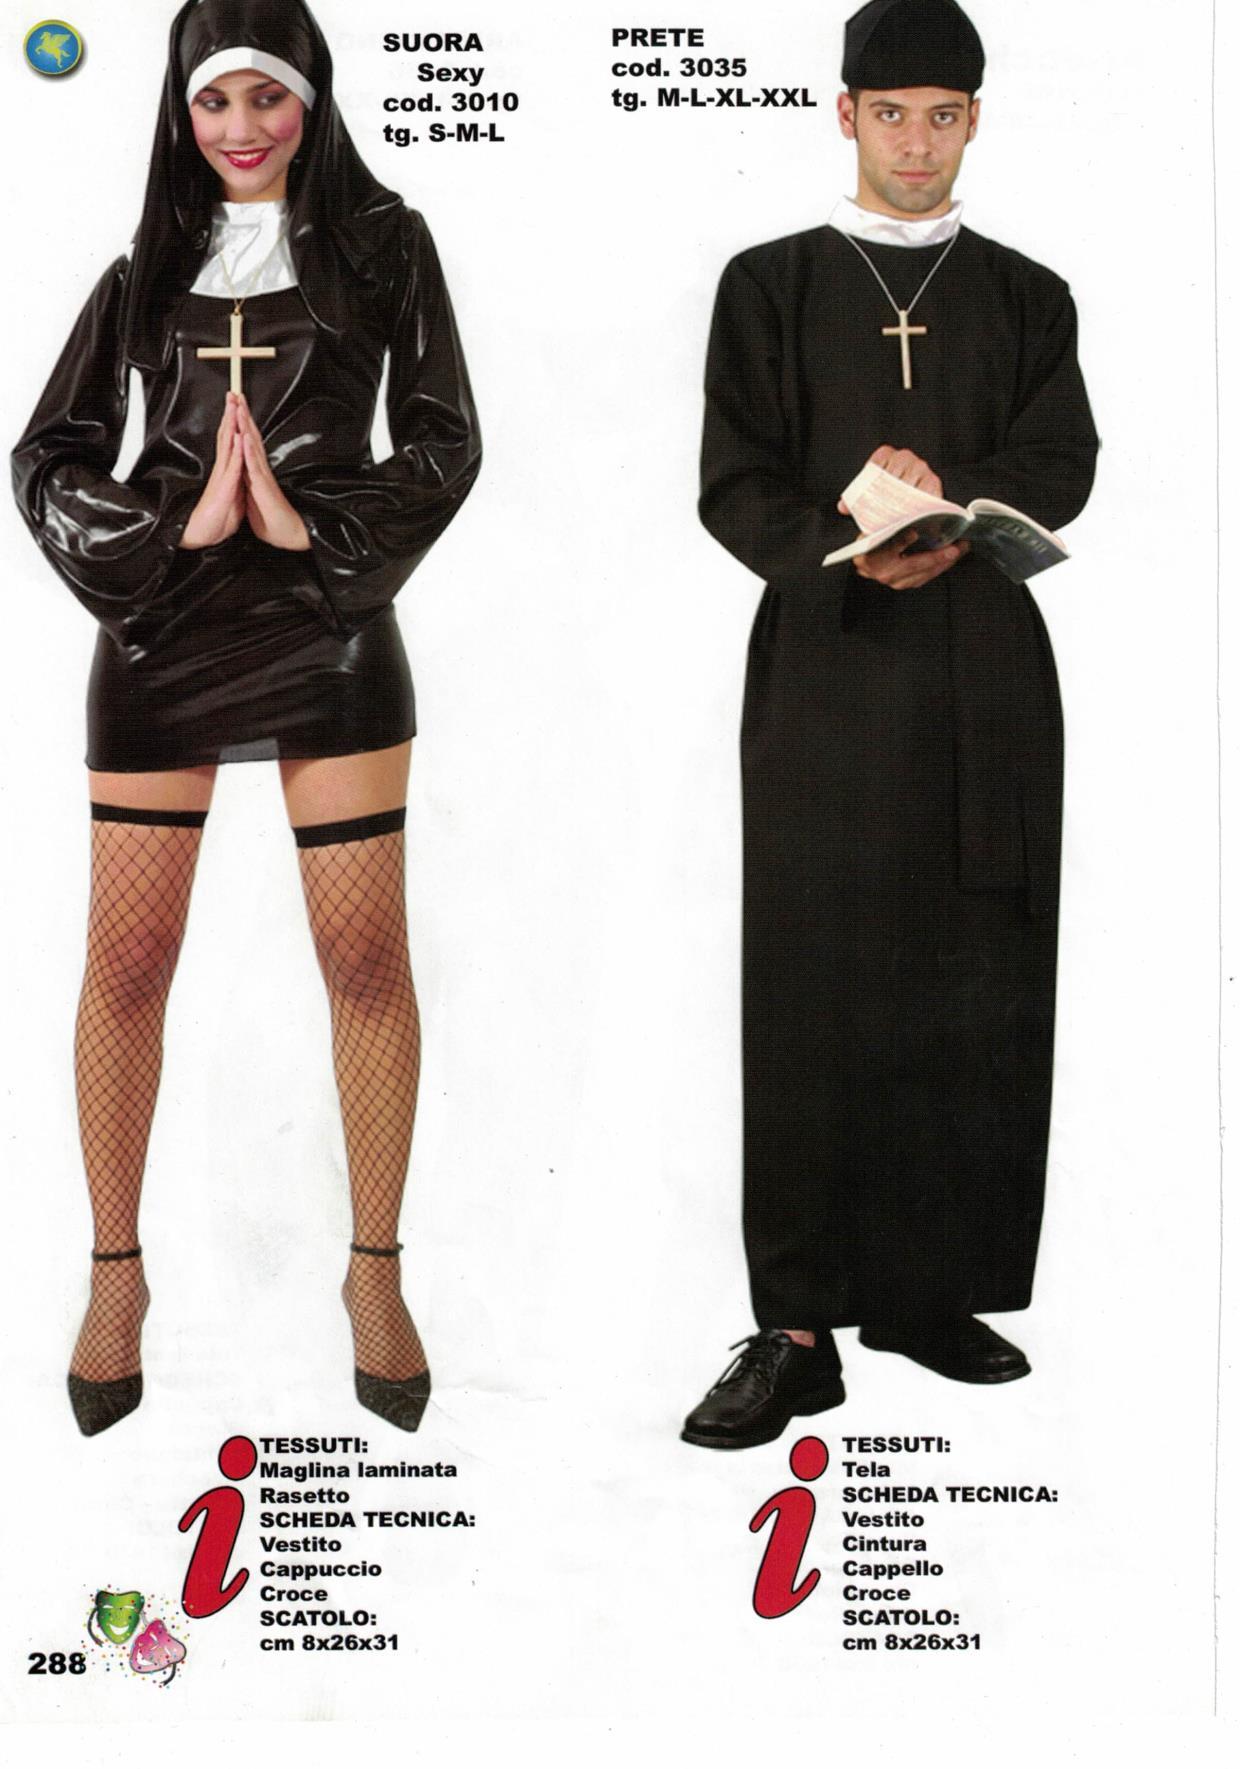 Noleggio vestiti da Clero Adulti UD | Noleggio vestiti da Clero Adulti PN | Noleggio vestiti da Clero Adulti San Vito al Tagliamento